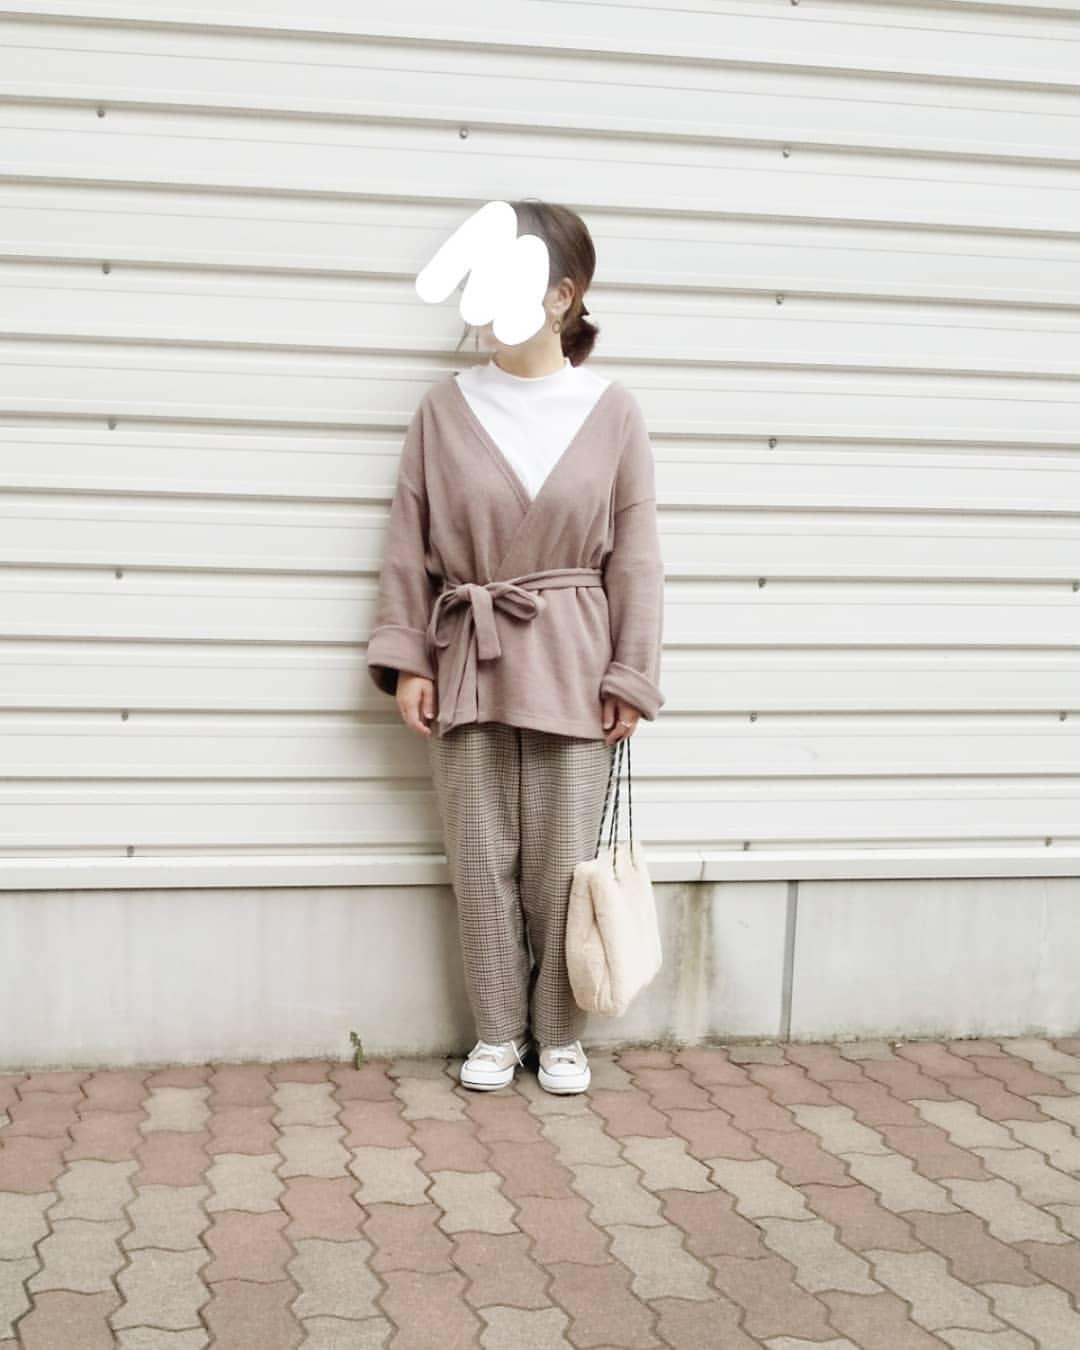 最高気温30度・最低気温22度 yoco_145cmの服装